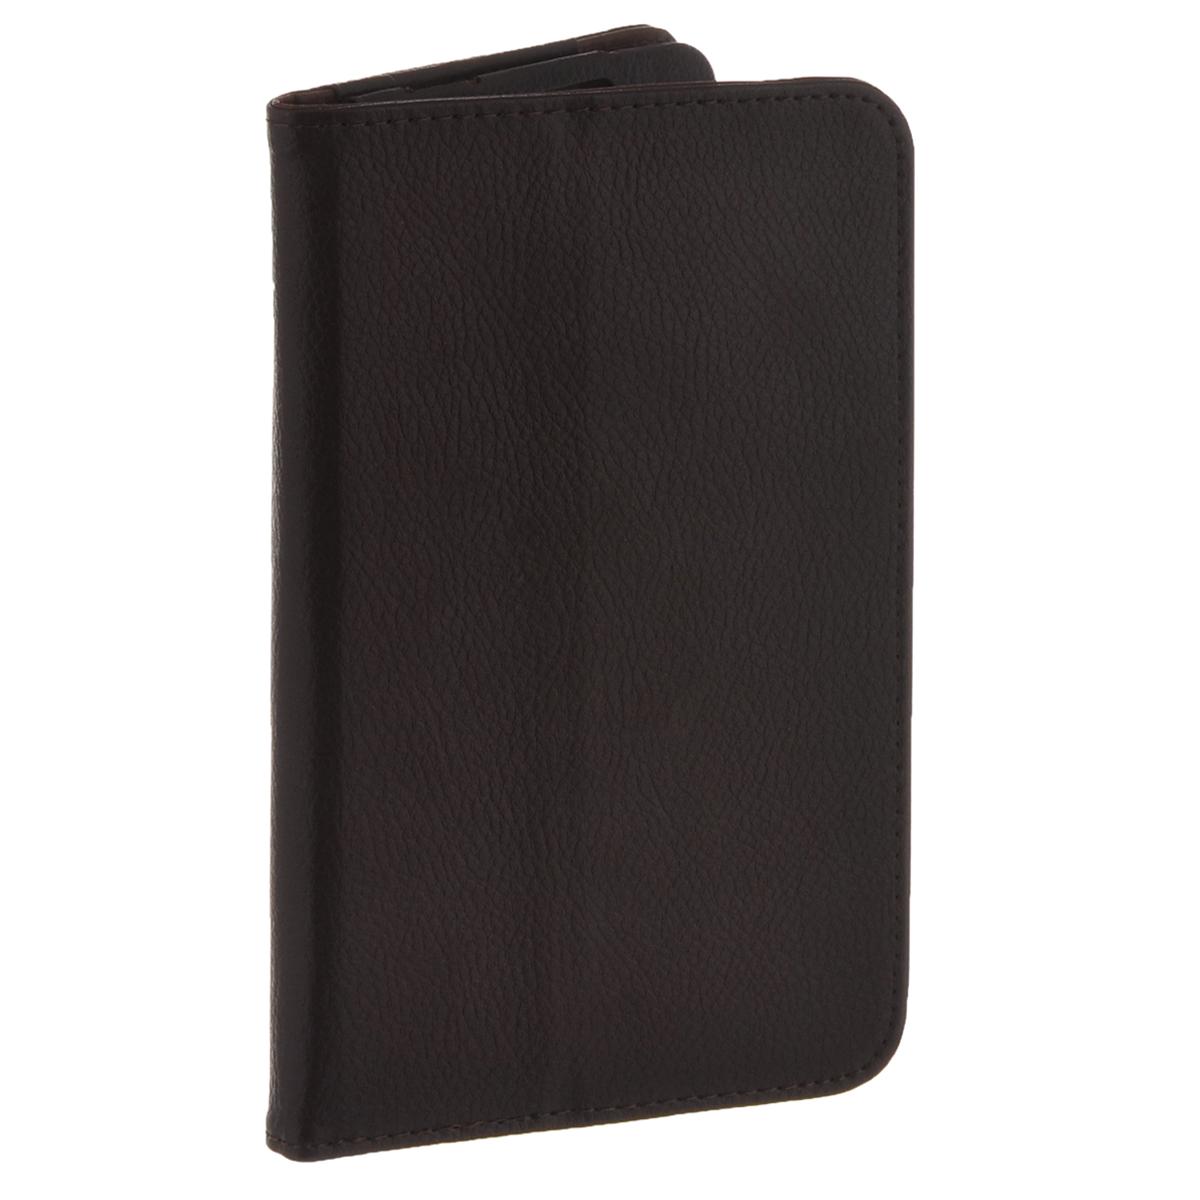 IT Baggage чехол для планшета Lenovo Idea Tab 2 7 A7-30, BrownITLNA7302-2IT Baggage для Lenovo Idea Tab 2 7 A7-30 - удобный и надежный чехол, который надежно защищает ваше устройство от внешних воздействий, грязи, пыли, брызг. Данный чехол поможет при ударах и падениях, смягчая их, и не позволяя образовываться на корпусе царапинам, потертостям. Кроме того, он будет незаменим при длительной транспортировке устройства. Обеспечивает свободный доступ ко всем разъемам и клавишам планшета.